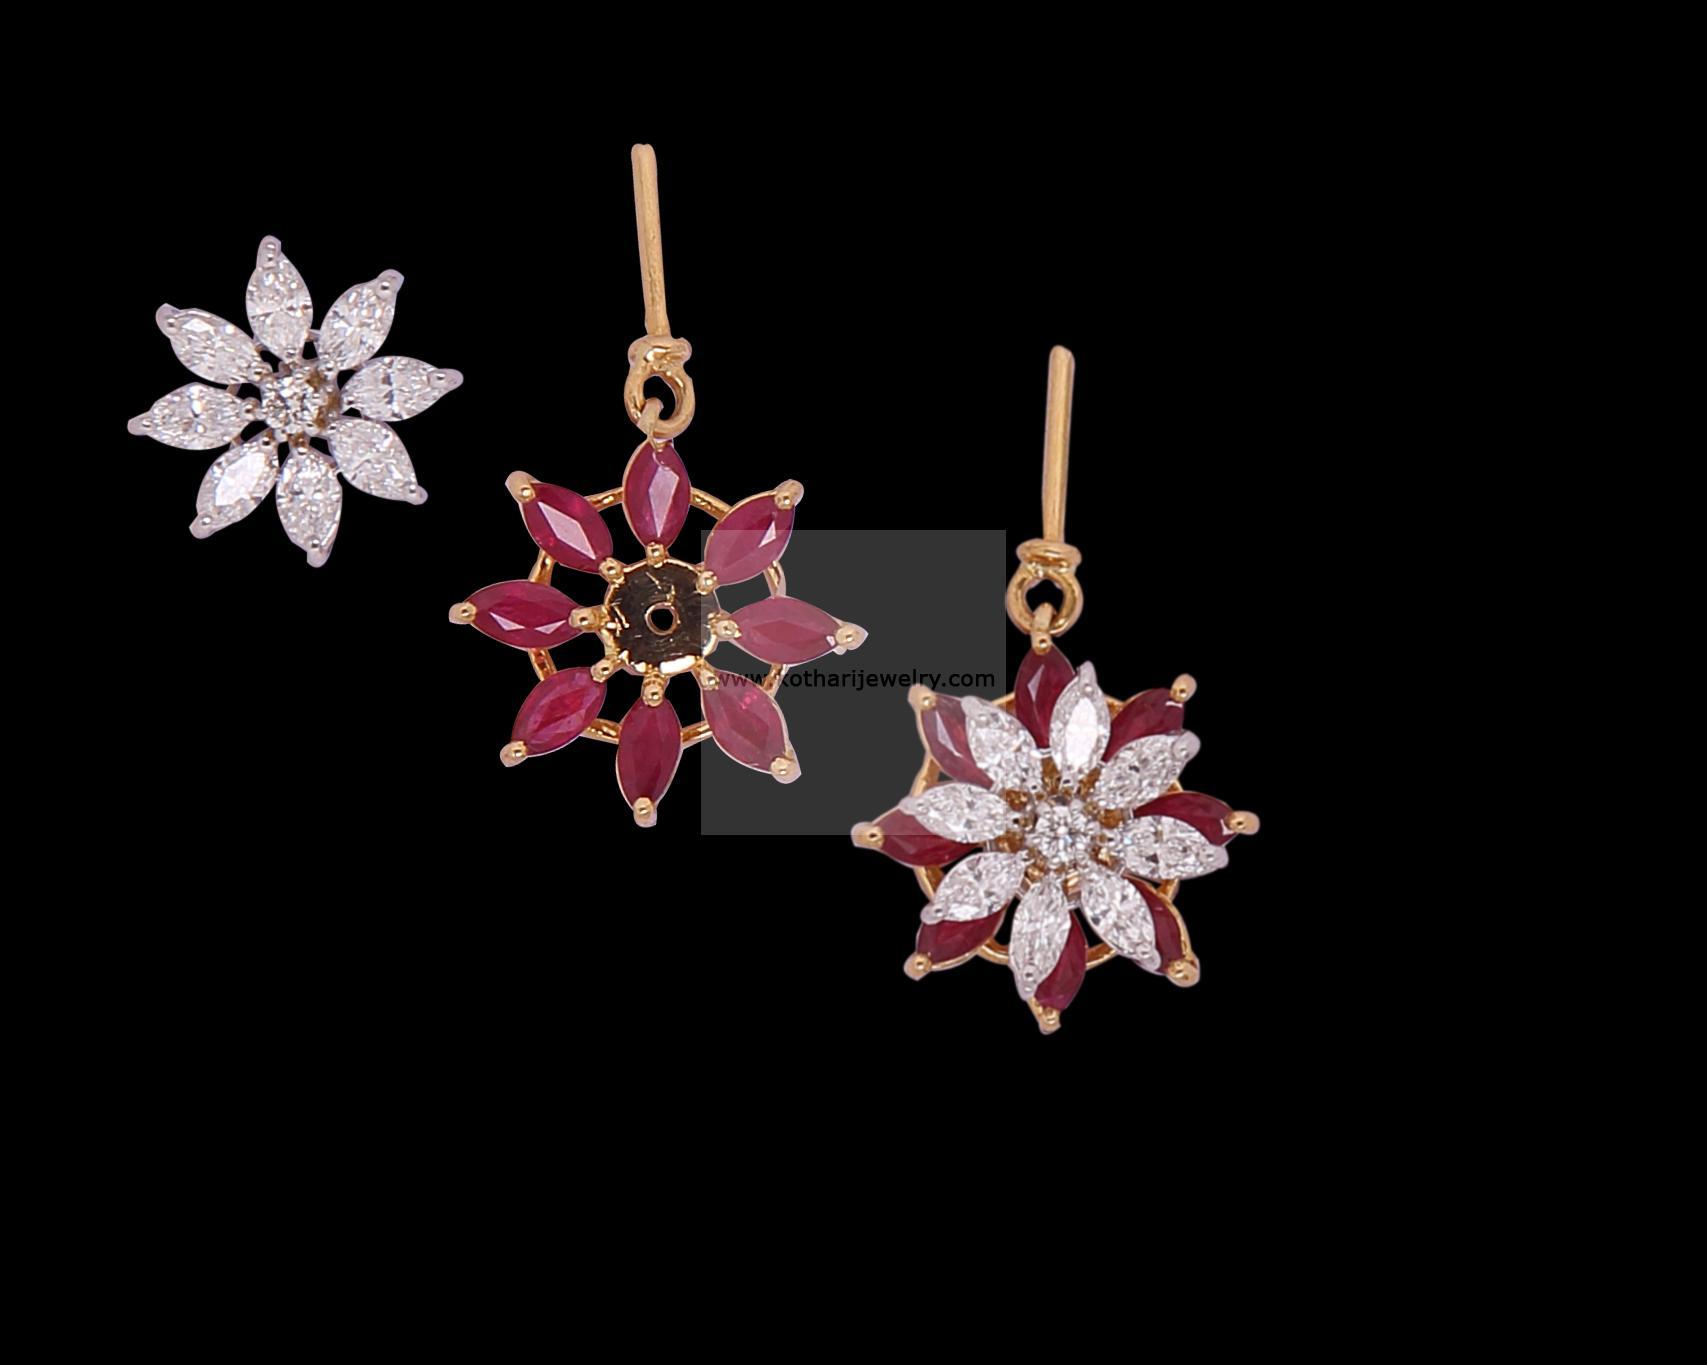 Diamond Earrings Designer Diamond Jhumki Diamond Jhumkis with